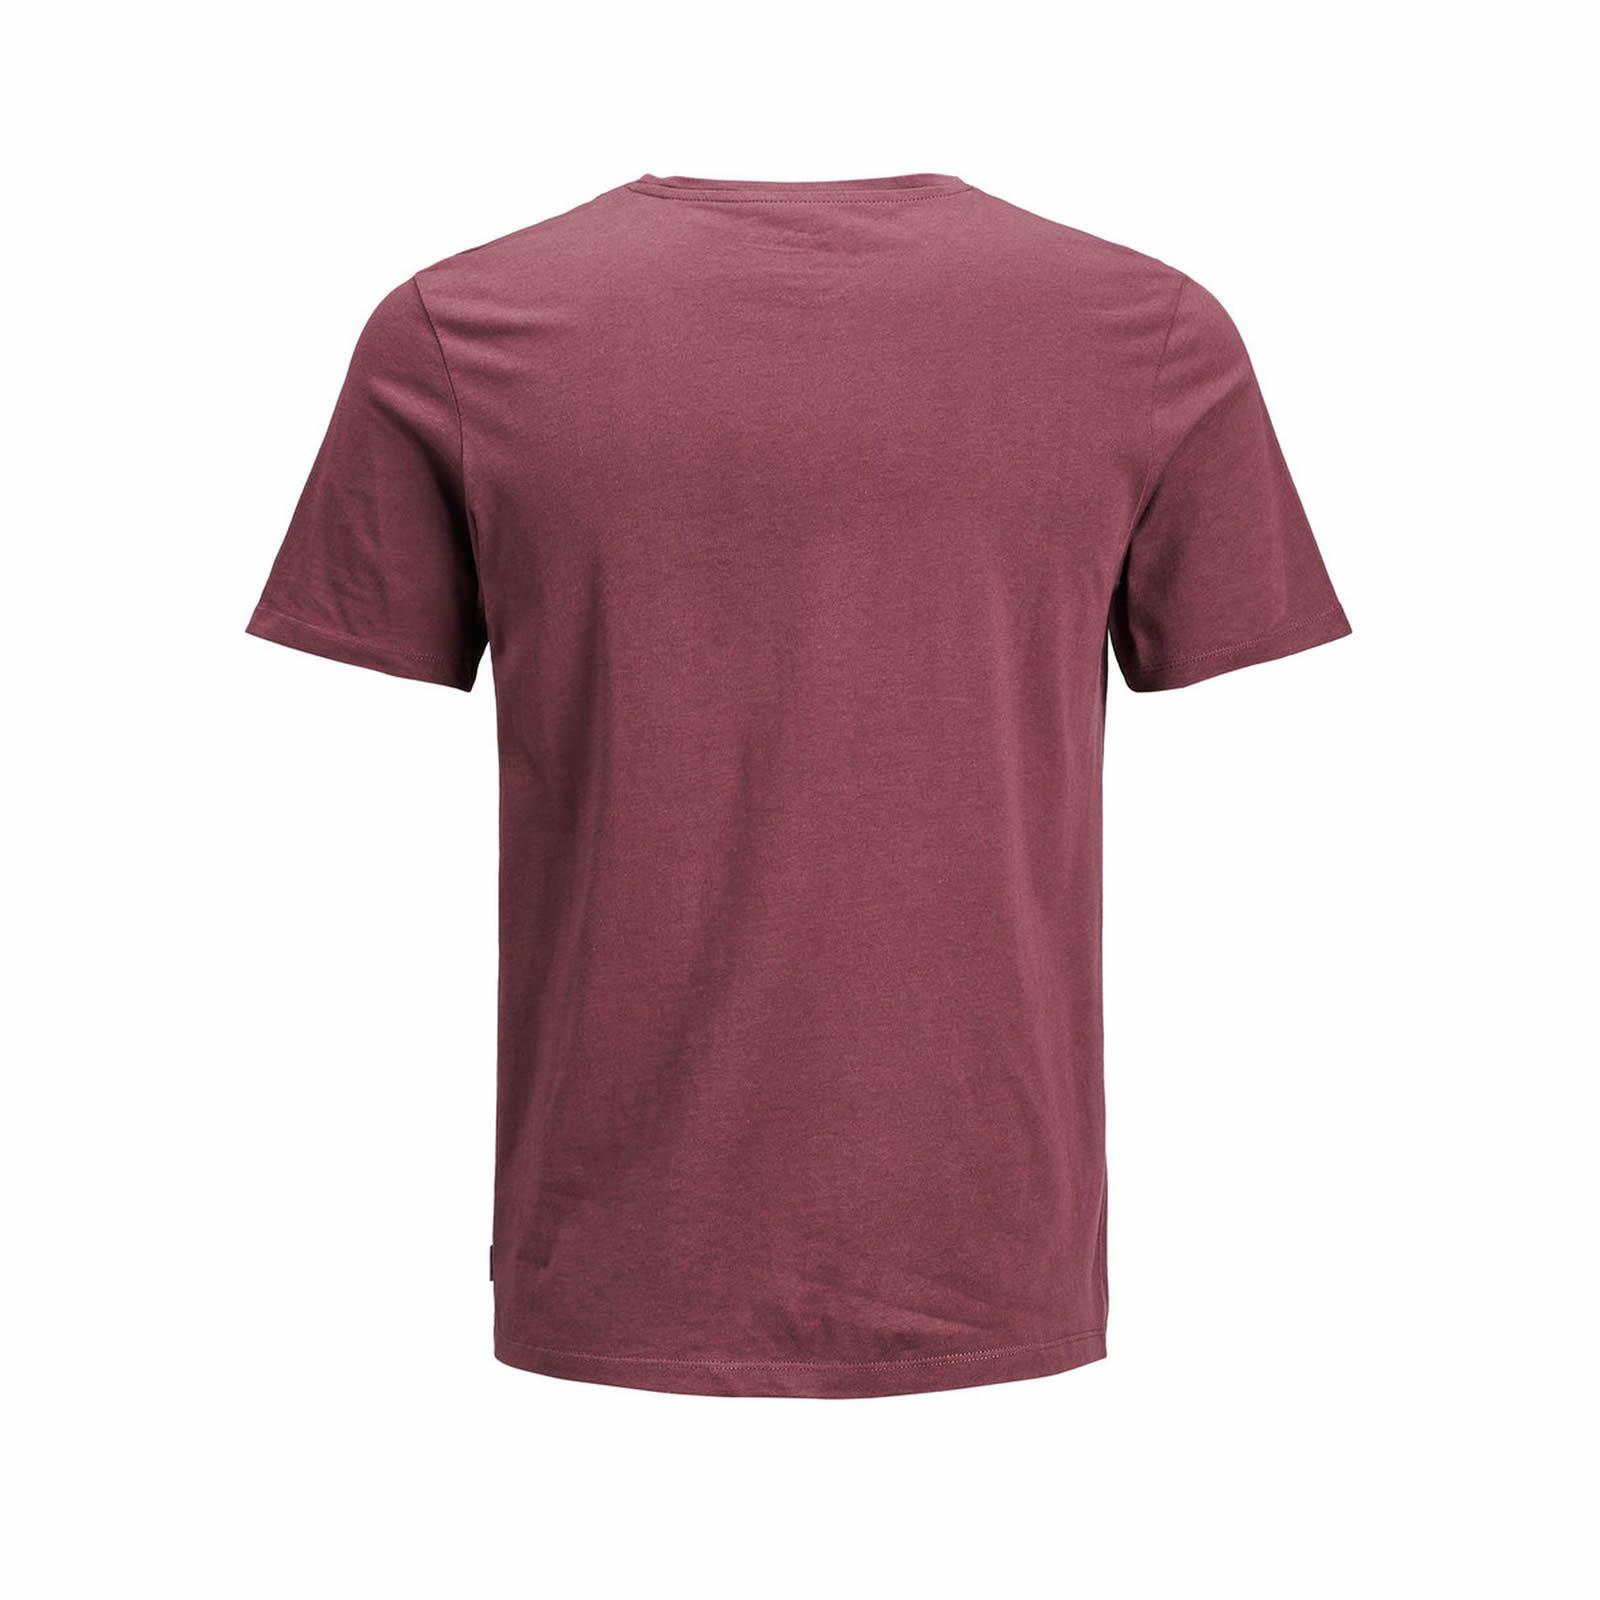 Camiseta Jack & JONES de hombre estaba Cuello Redondo Mangas Cortas Gráfico Camiseta